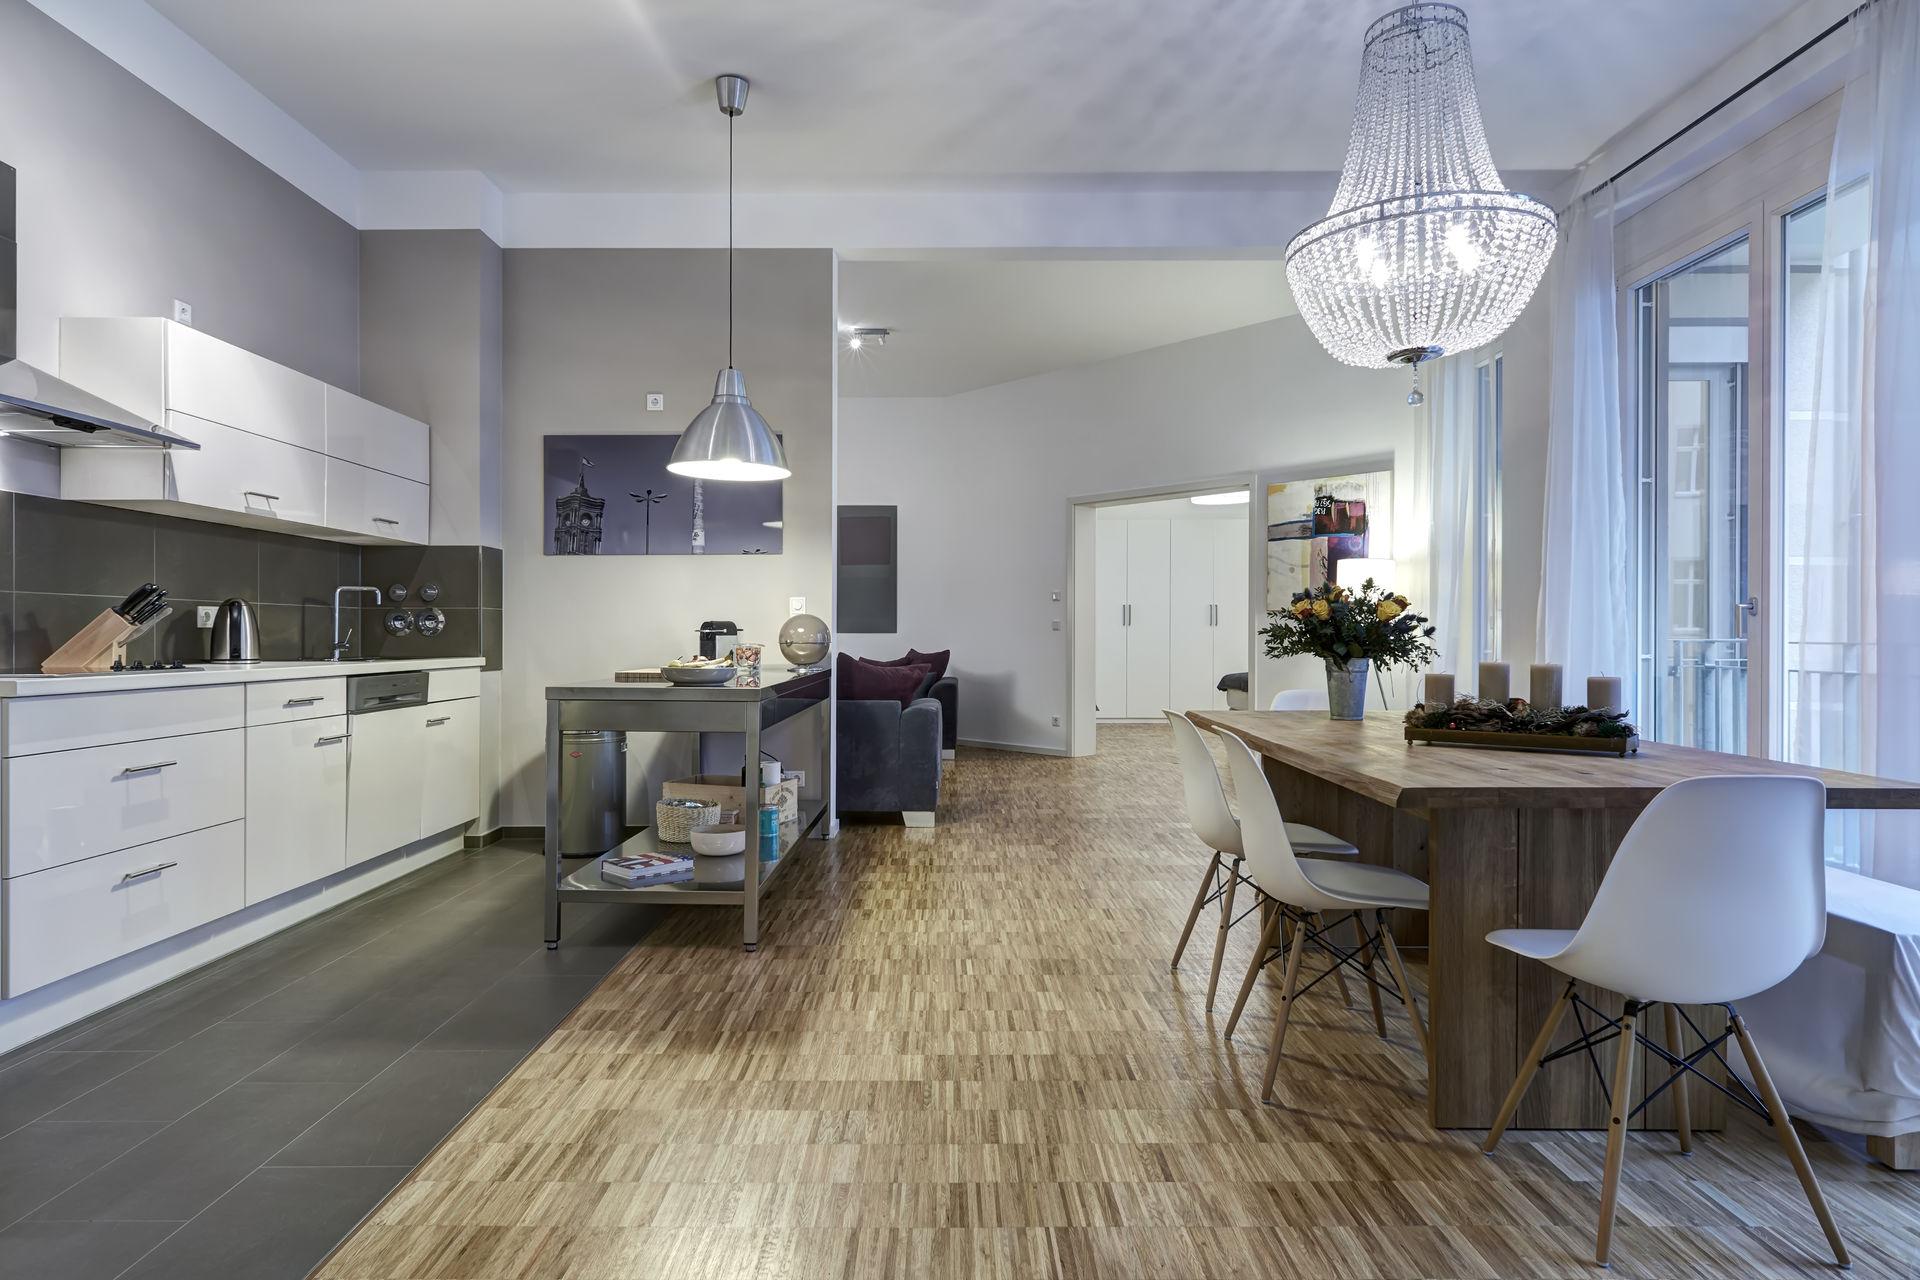 luxuri ses apartment in der prestigereichen simon dach stra e farawayhome. Black Bedroom Furniture Sets. Home Design Ideas